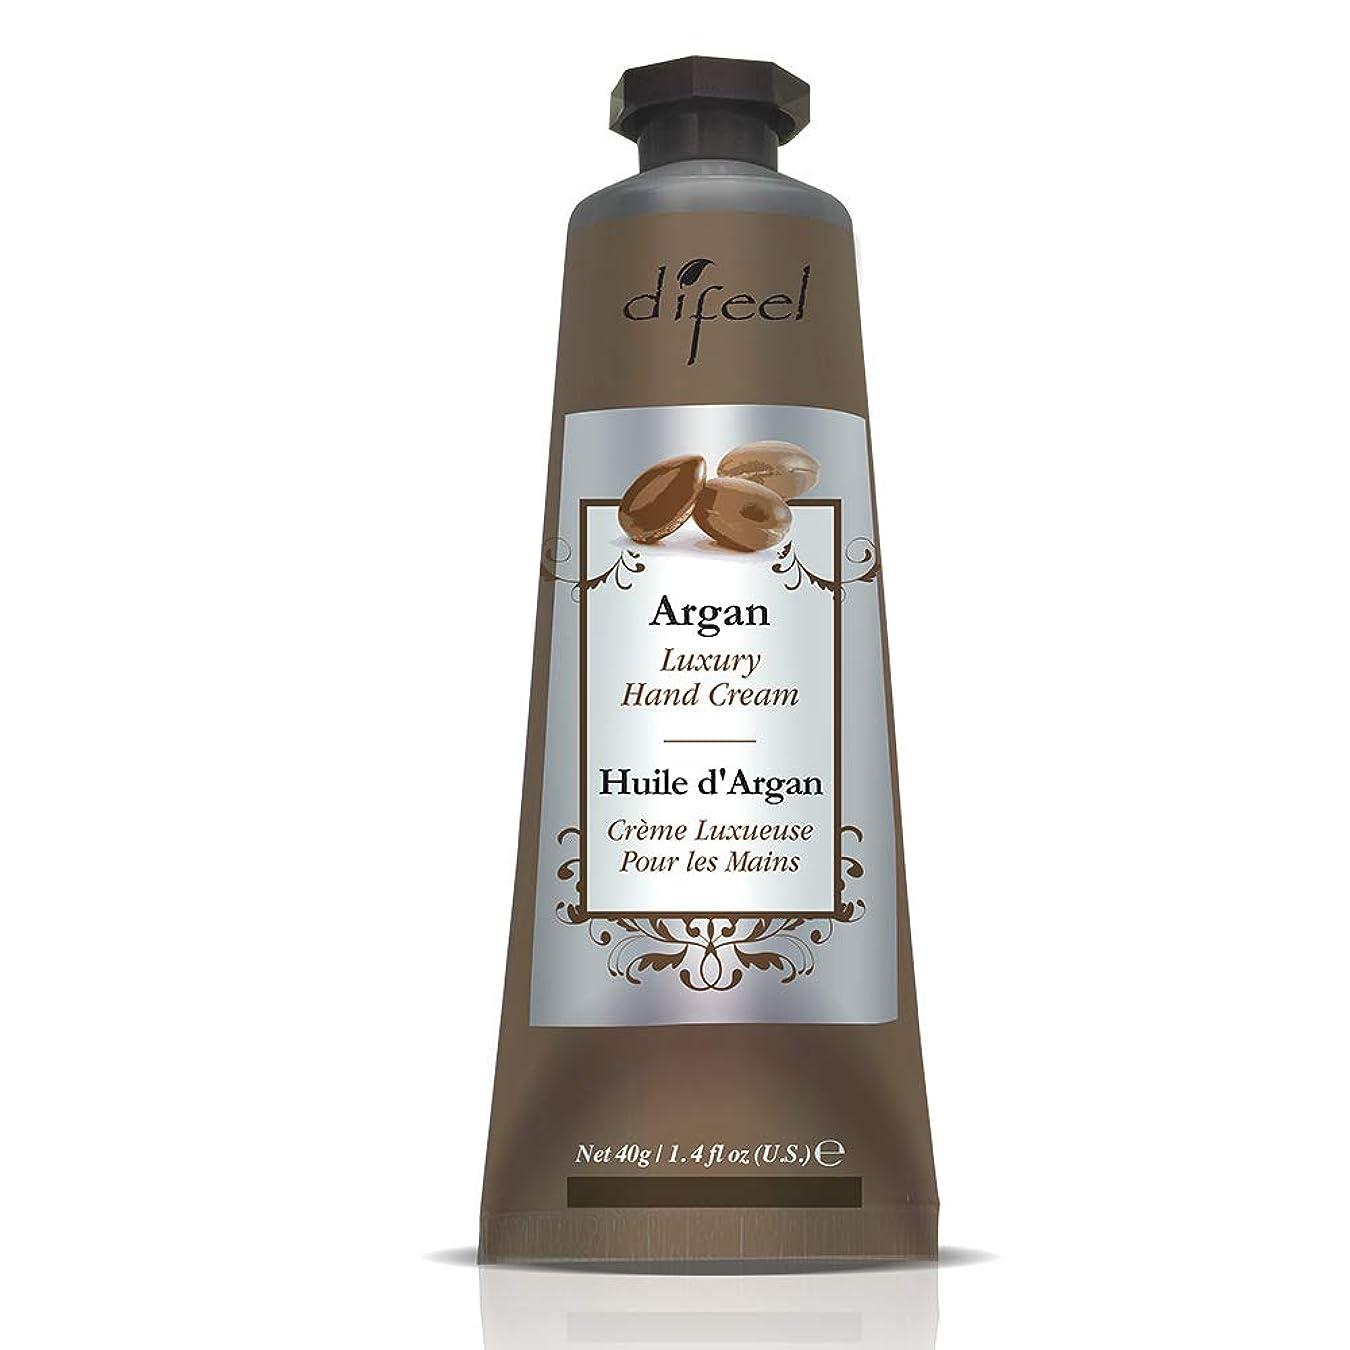 長さ寛大さシンプトンDifeel(ディフィール) アルガン ナチュラル ハンドクリーム 40g ARGAN 12ARG New York 【正規輸入品】